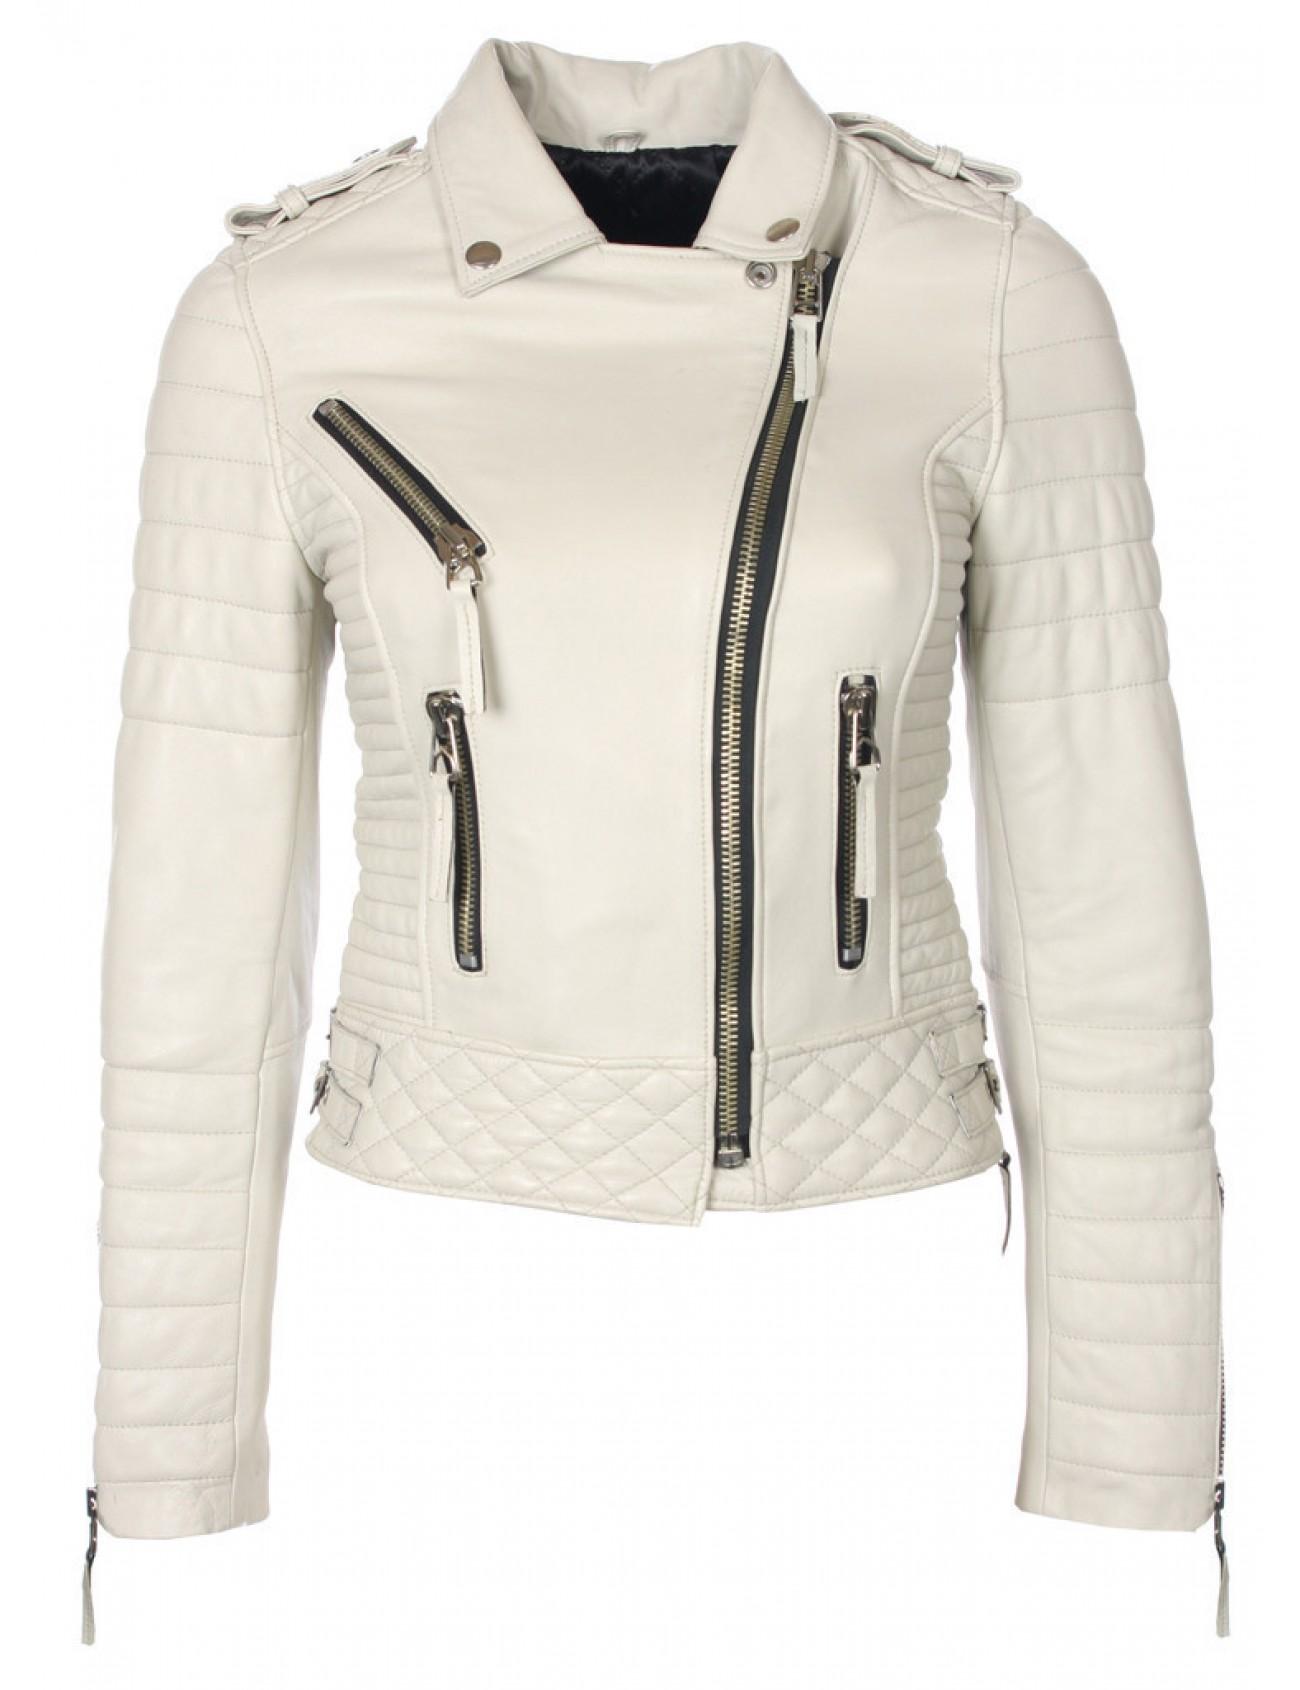 Kay Michaels Quilted Biker Jacket - Platinum Grey - Boda Skins